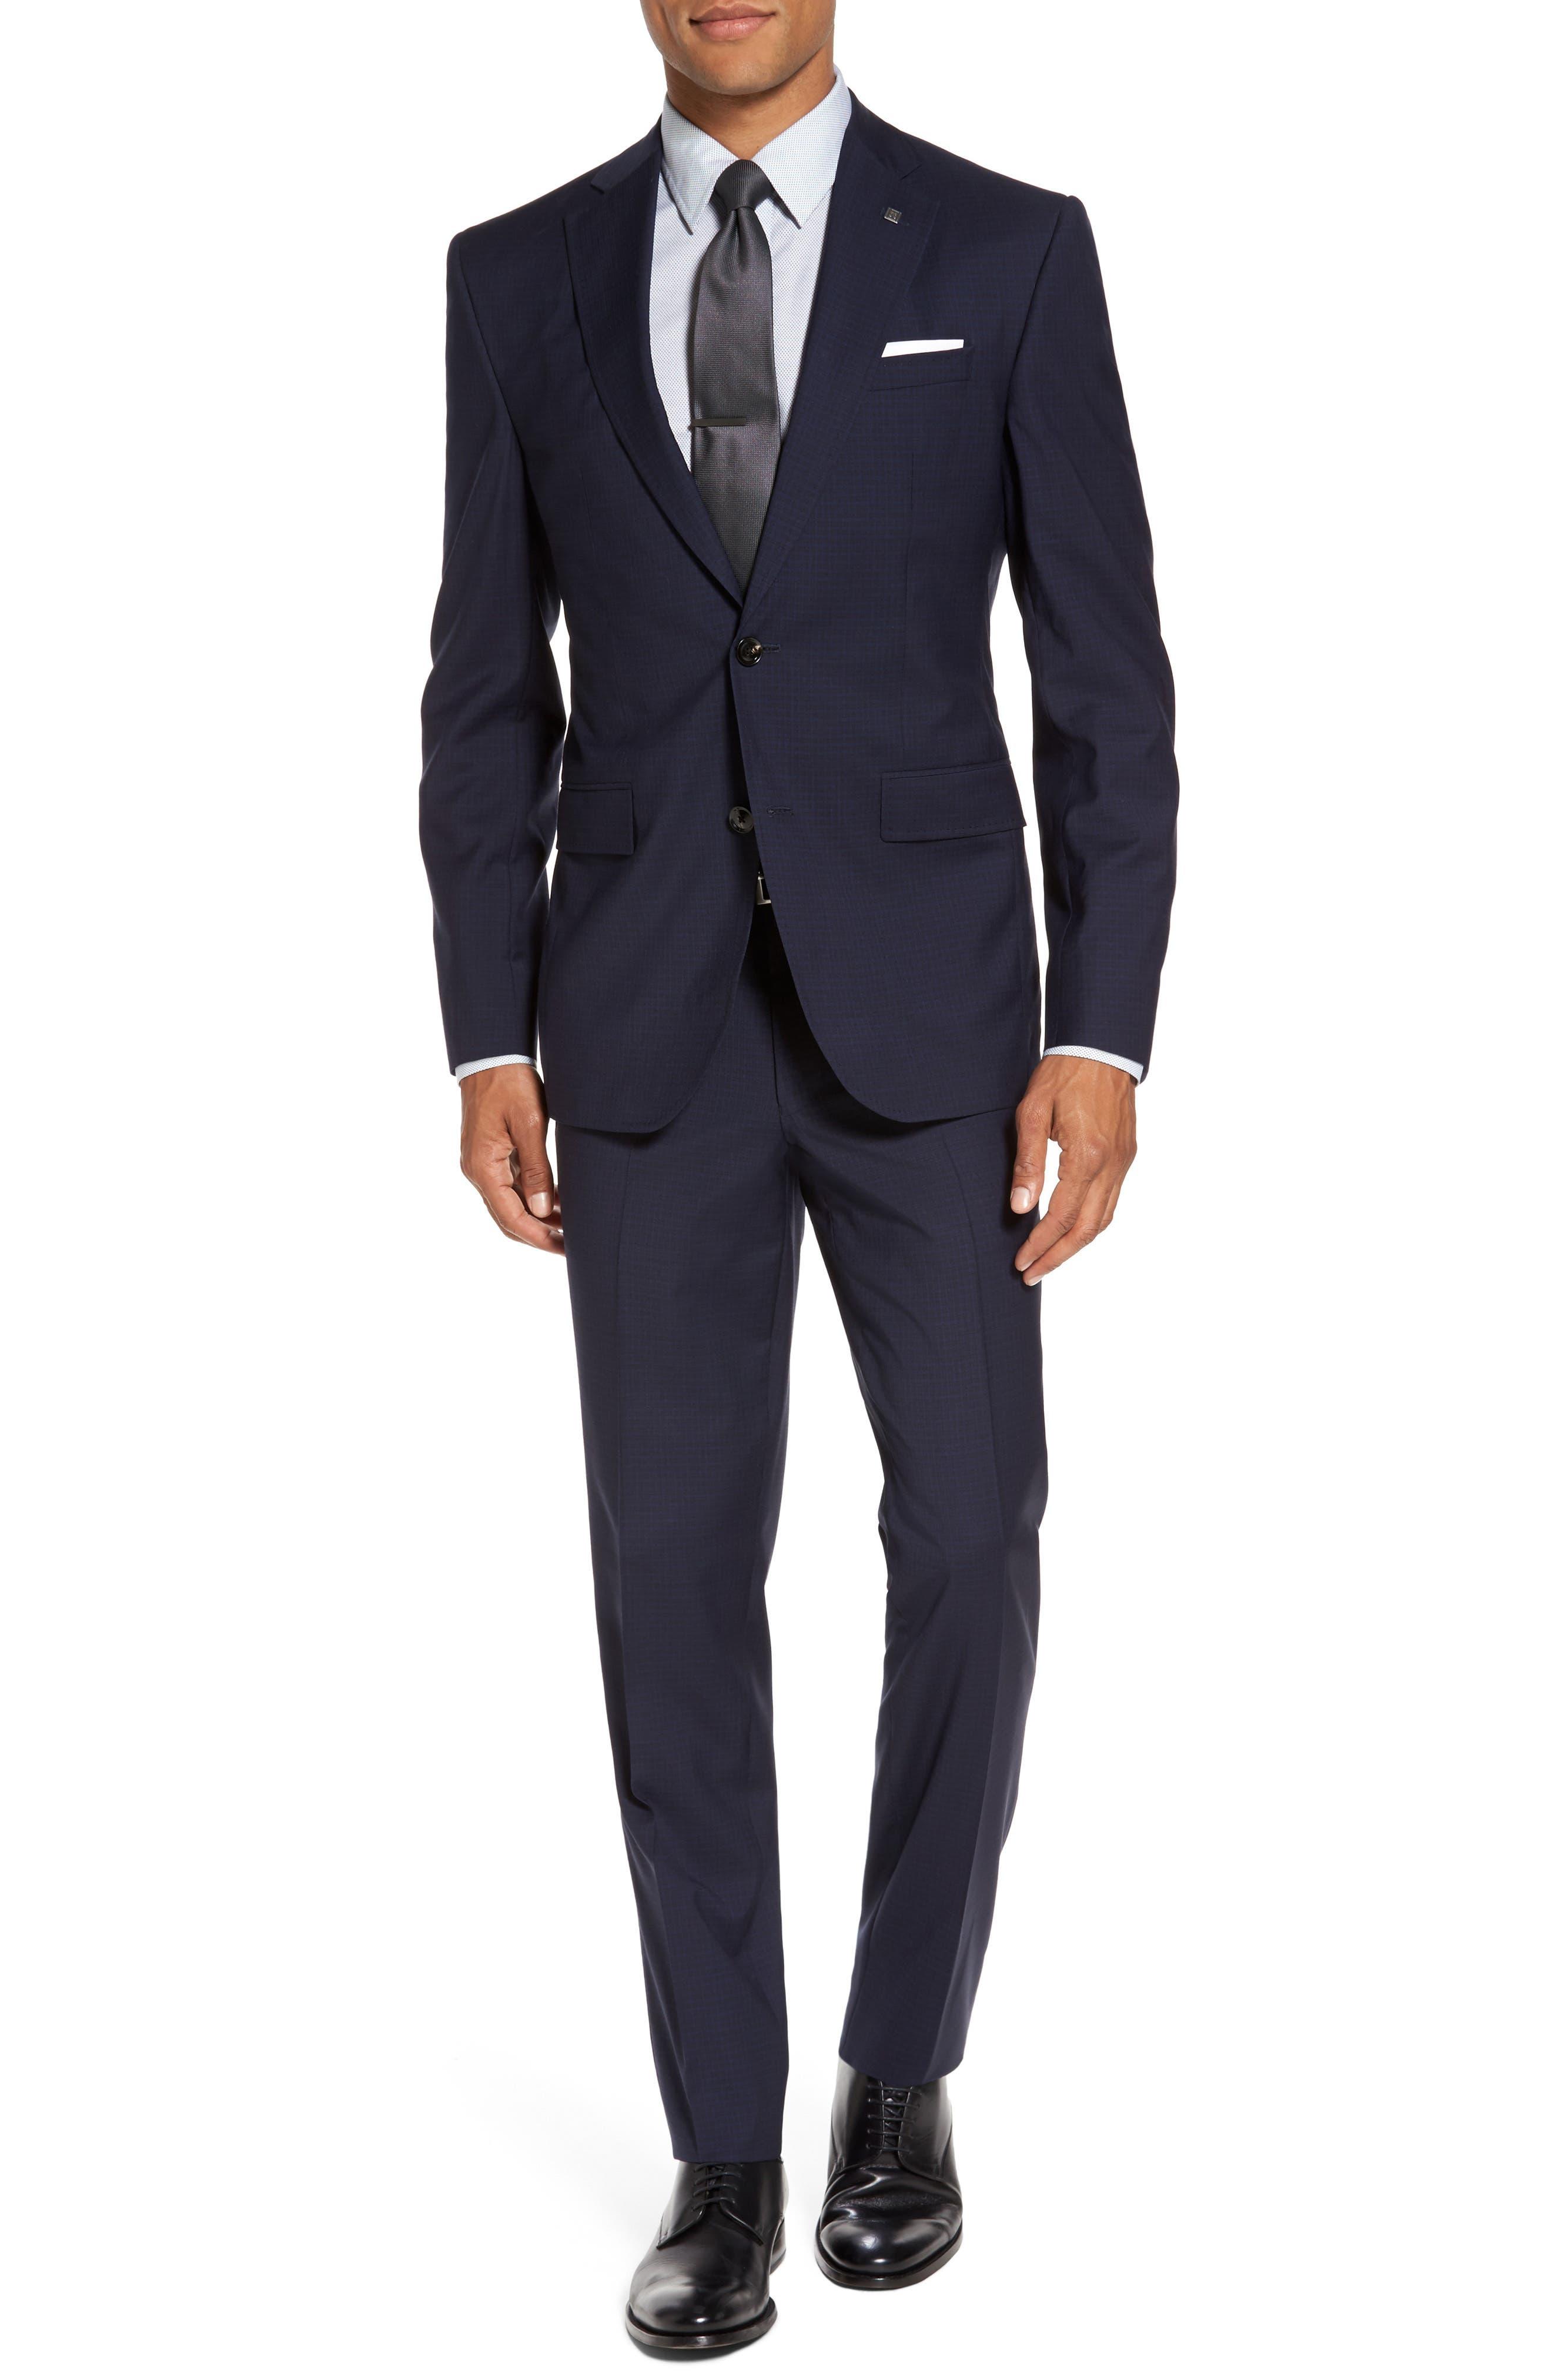 Roger Trim Fit Check Wool Suit,                         Main,                         color, 410